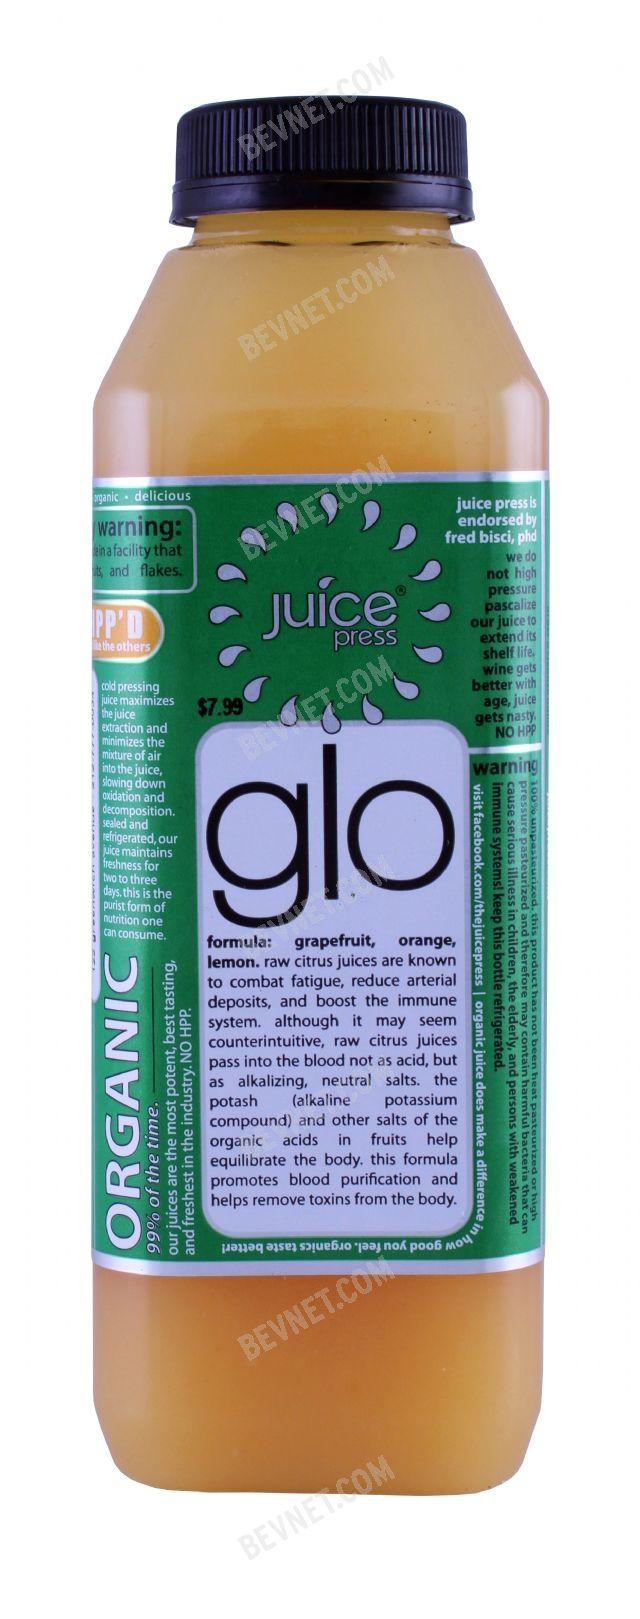 Juice Press: